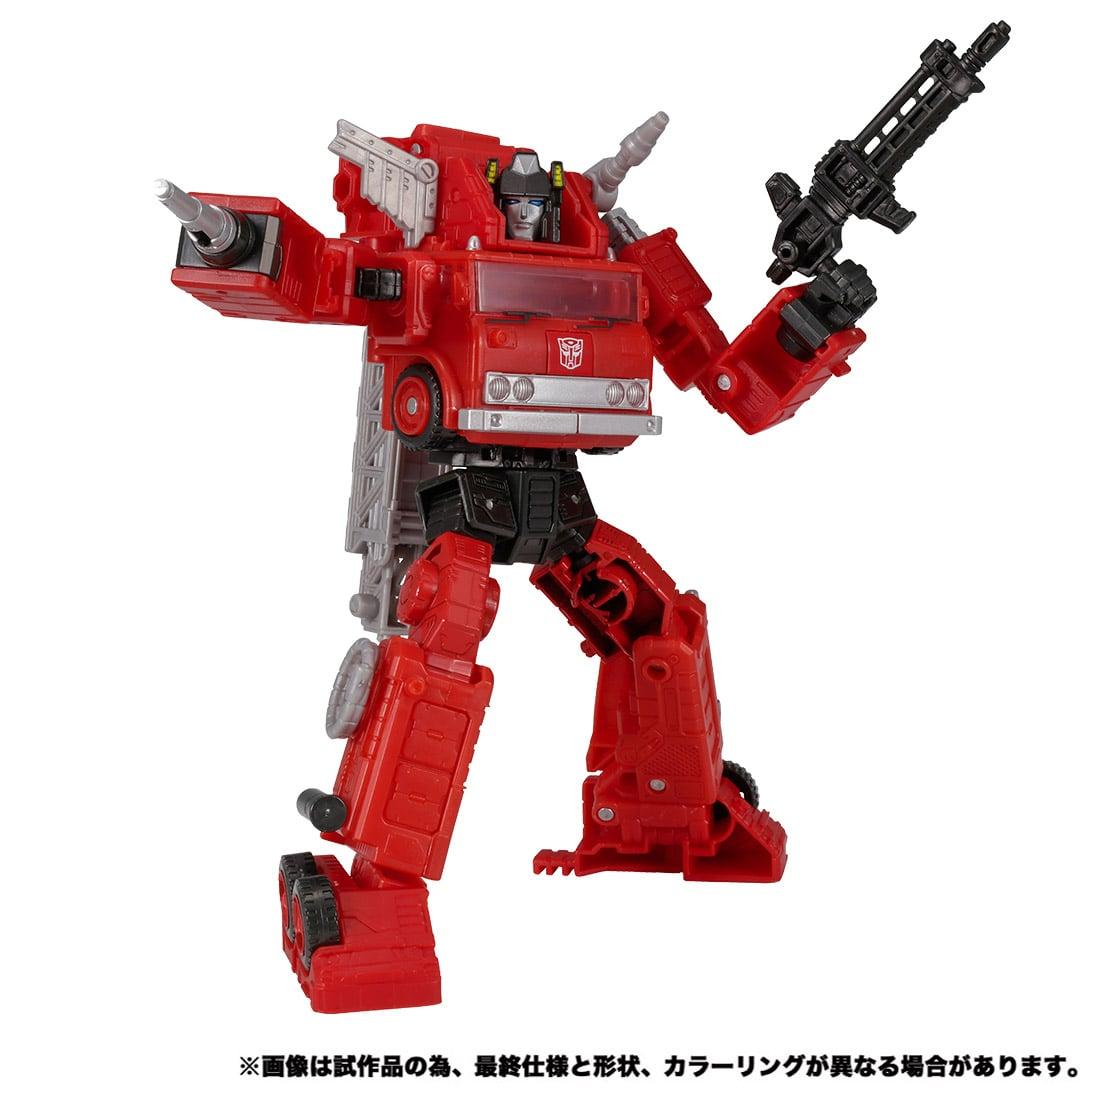 トランスフォーマー キングダム『KD-10 オートボットインフェルノ』可変可動フィギュア-004